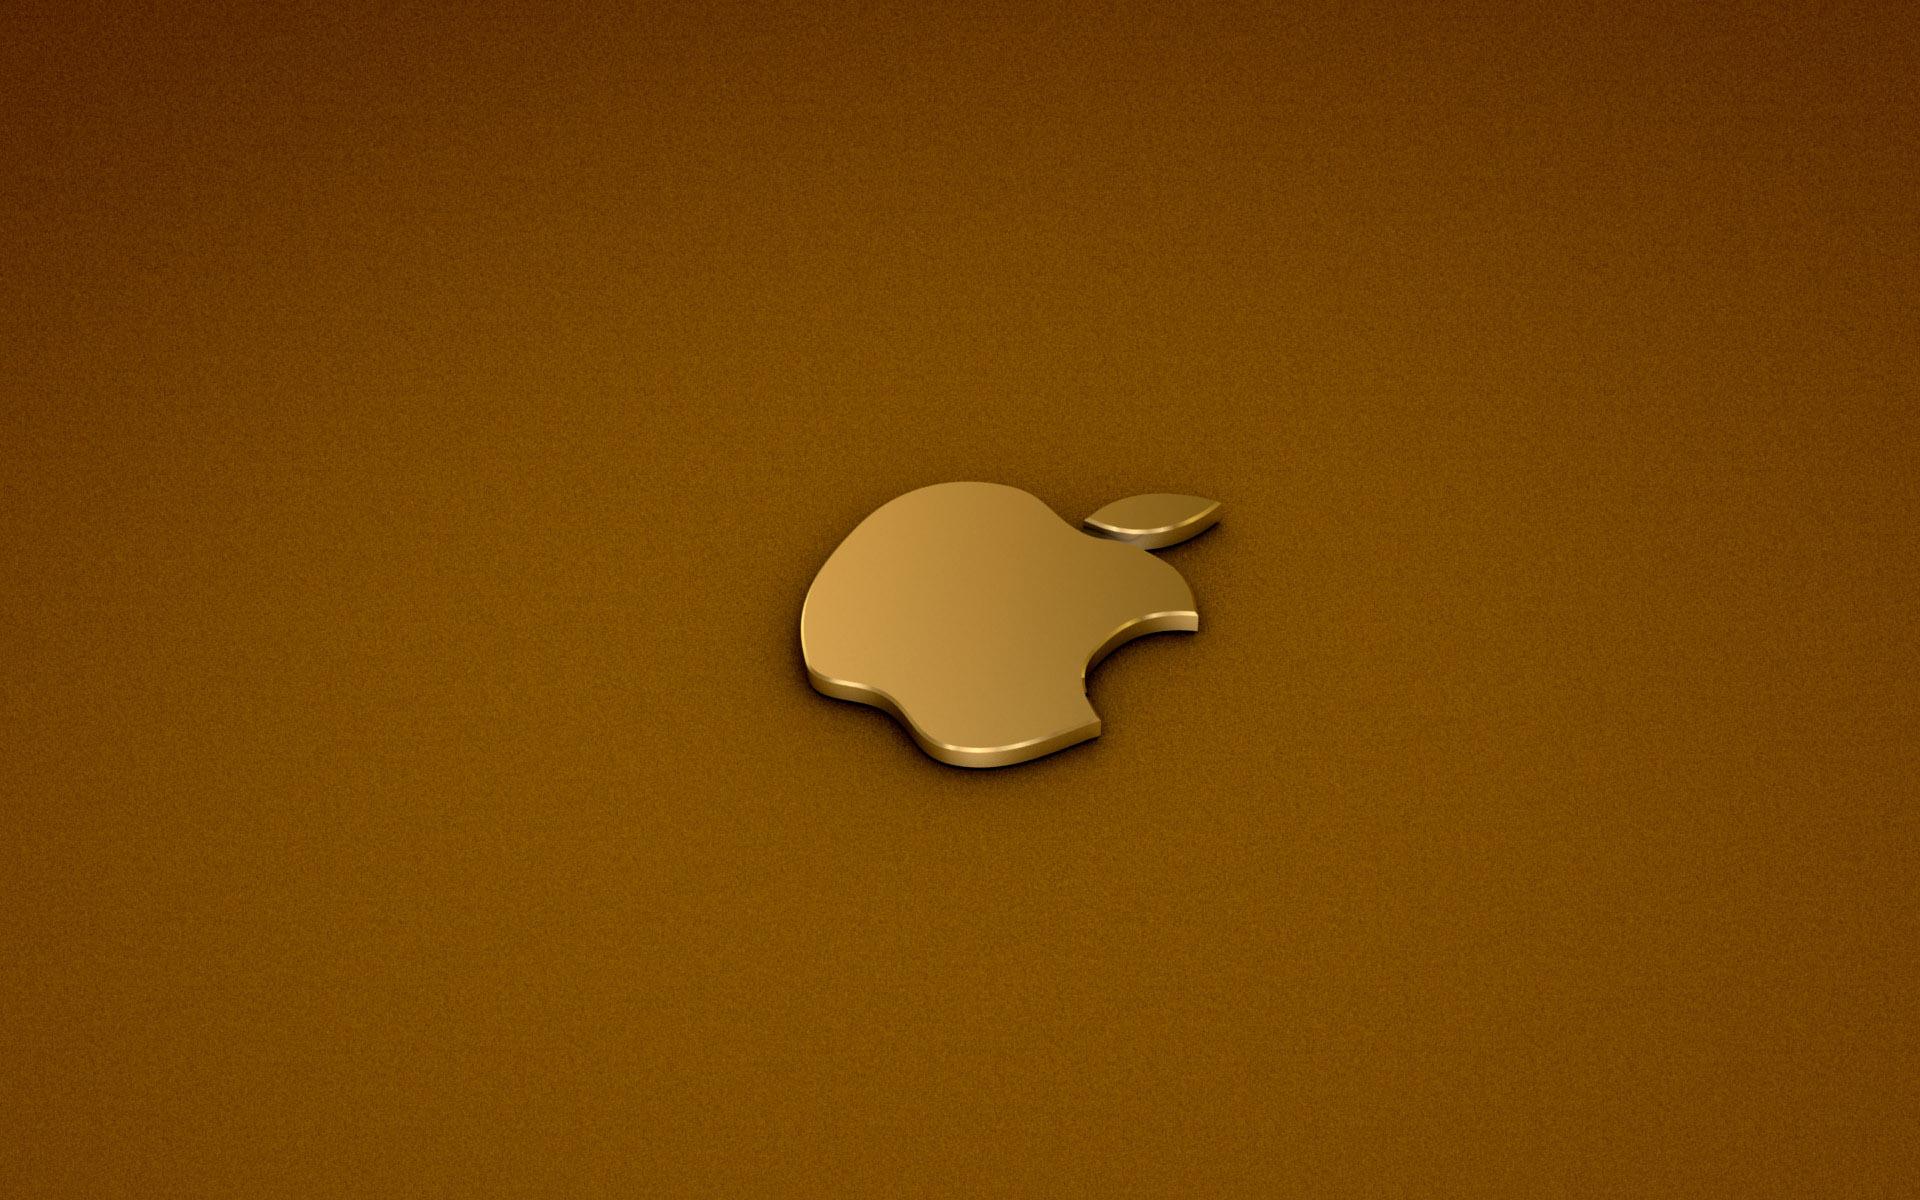 Apple Wallpaper High Resolution Mac Wallpaper HD Wallpapers 1920x1200